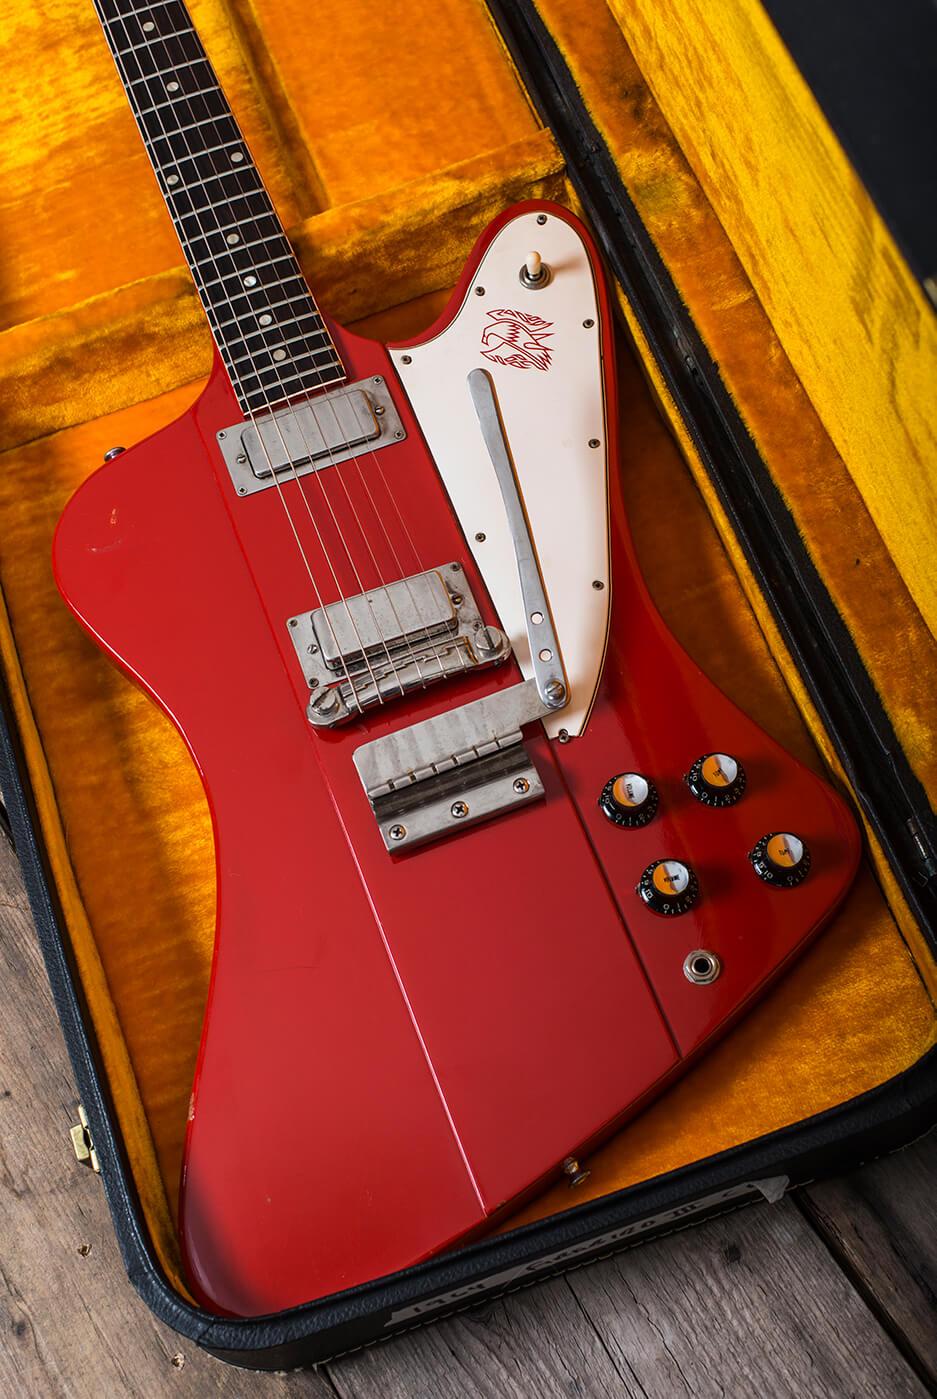 Gibson 1964 Firebird III red in case portrait